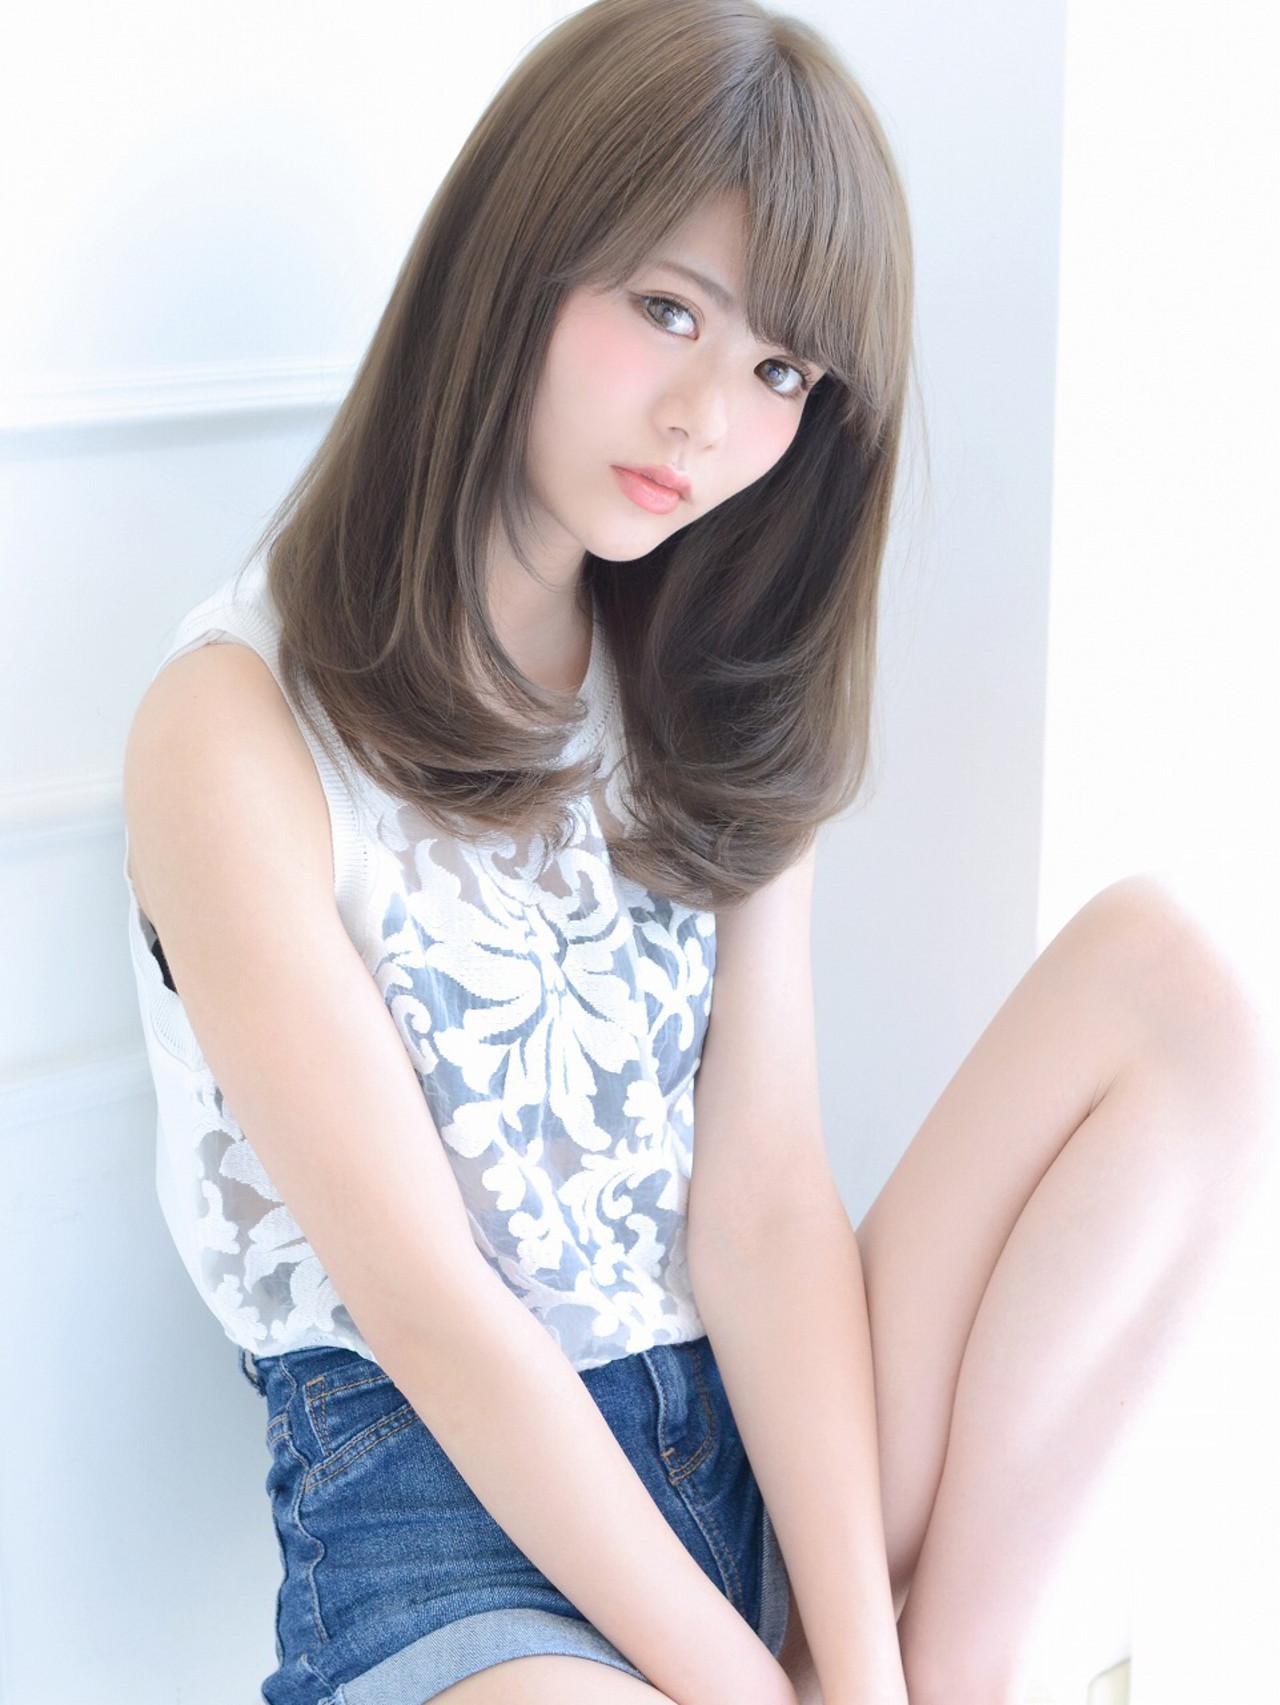 絶対可愛い人気ヘア!セミロング×パーマでモテ女子に変身しよう 清井 慎二 ☆Dice☆